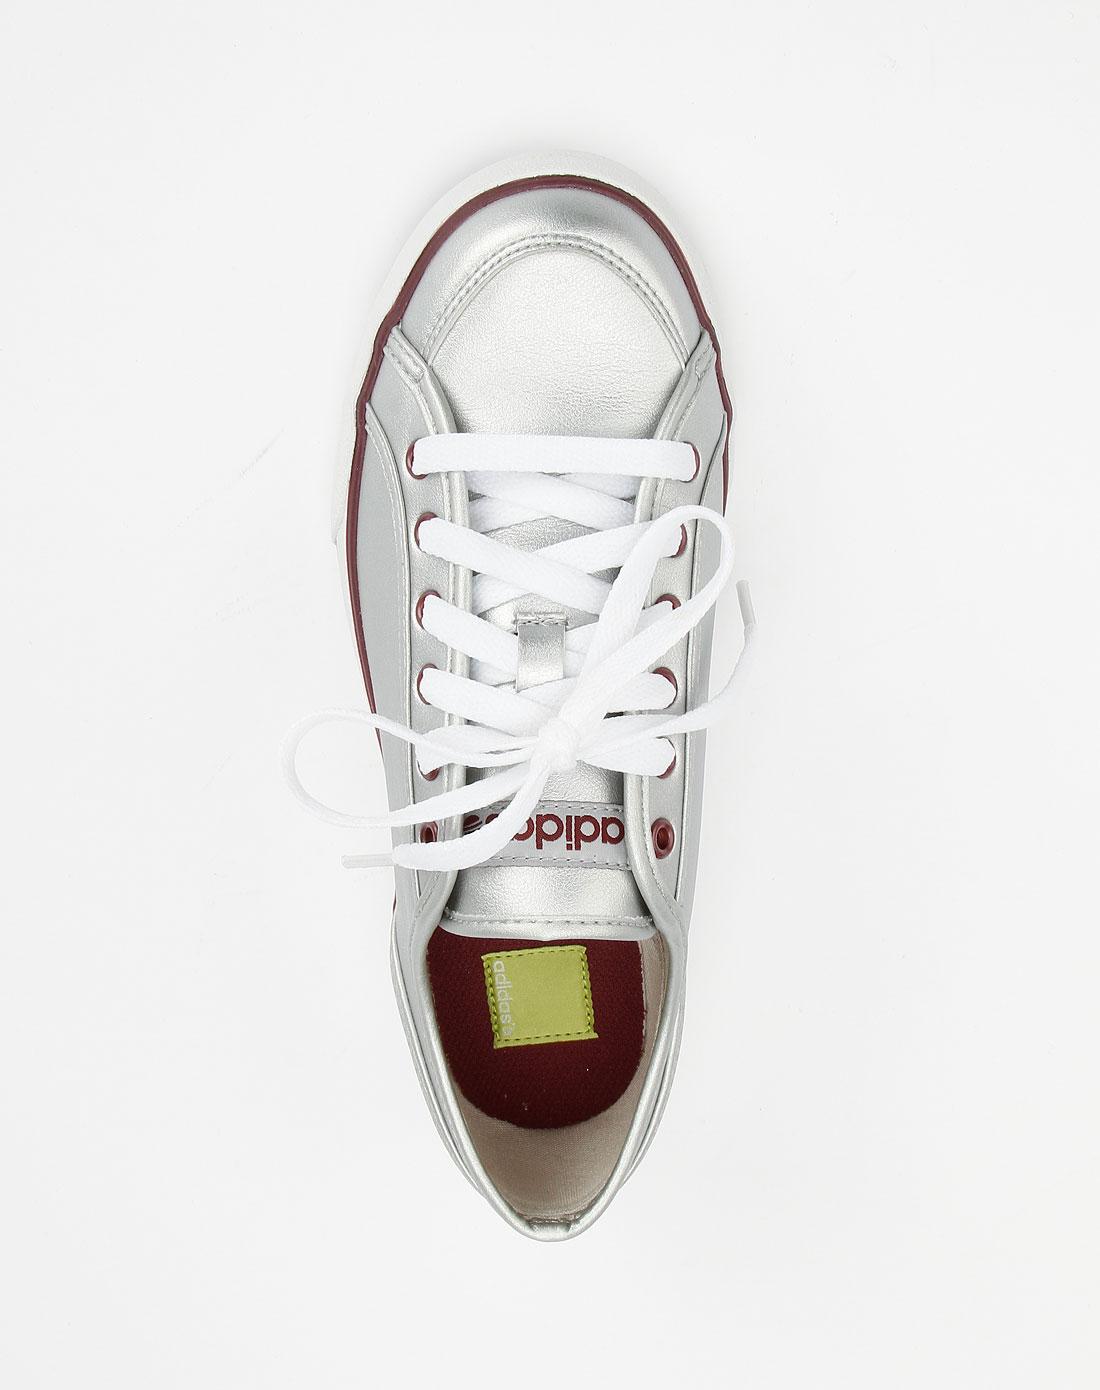 阿迪达斯adidasneo 女款银色时尚帆布鞋g31080